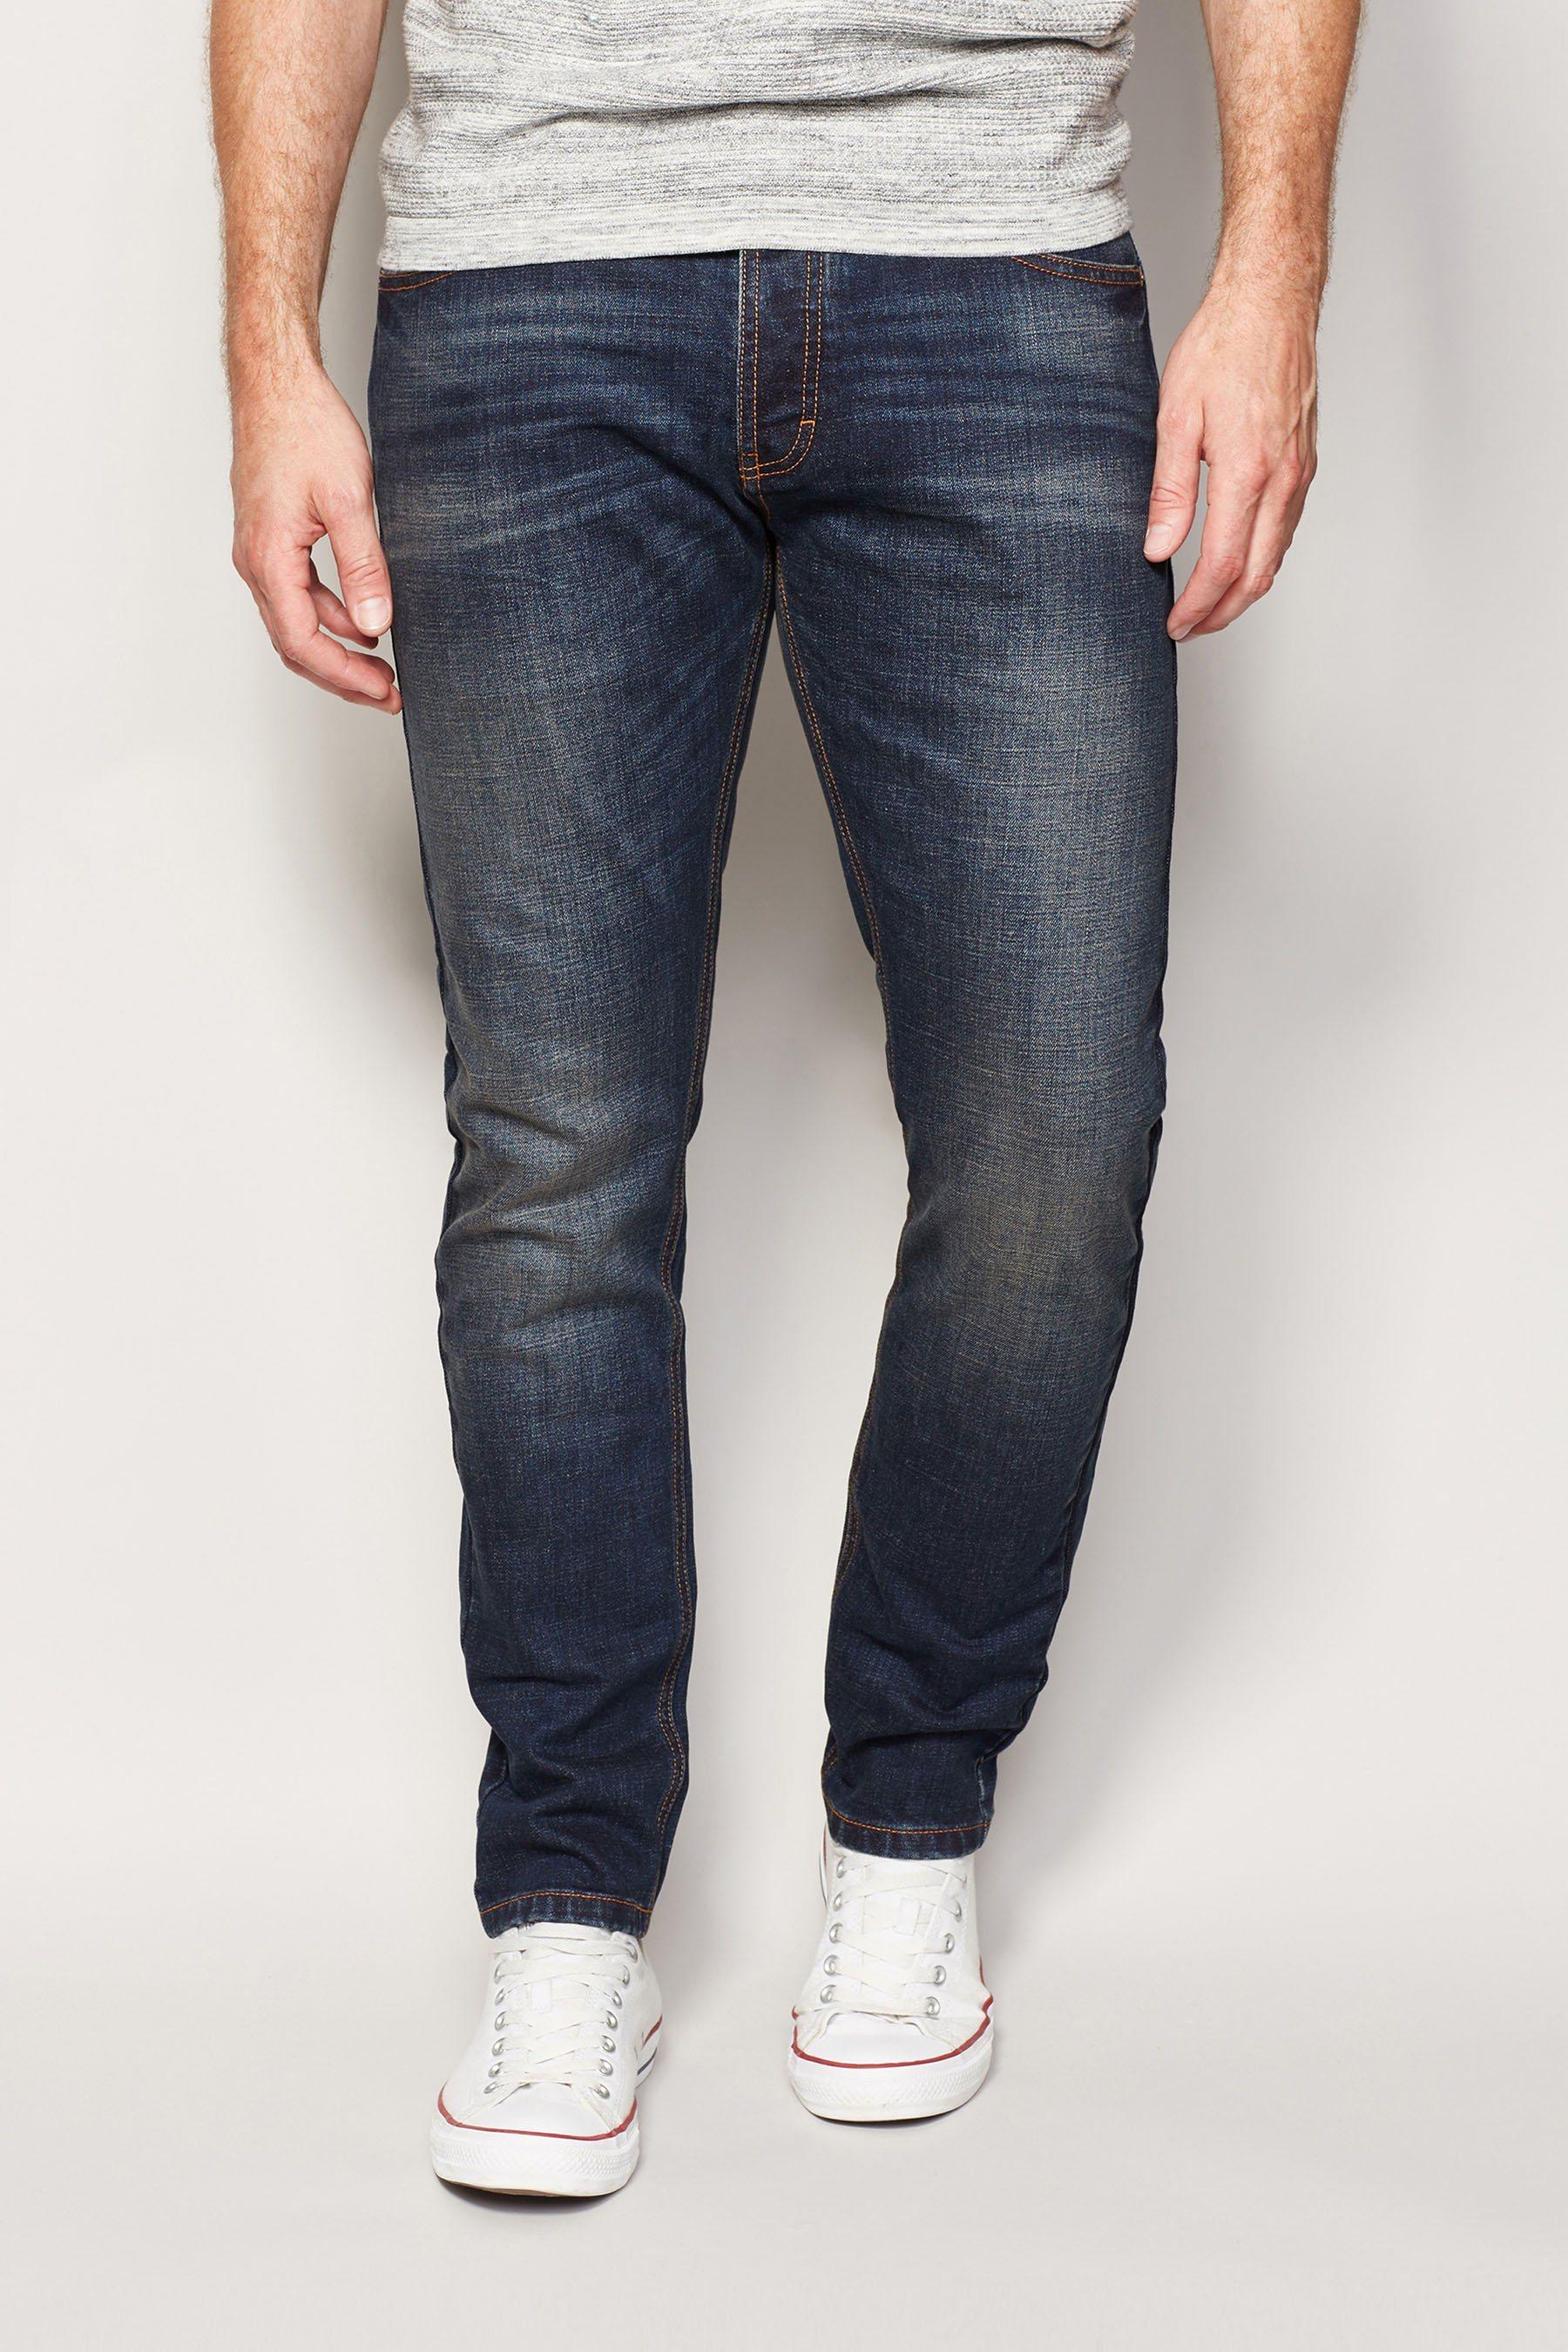 Next Skinny-Fit Dirty Denim Stretch-Jeans